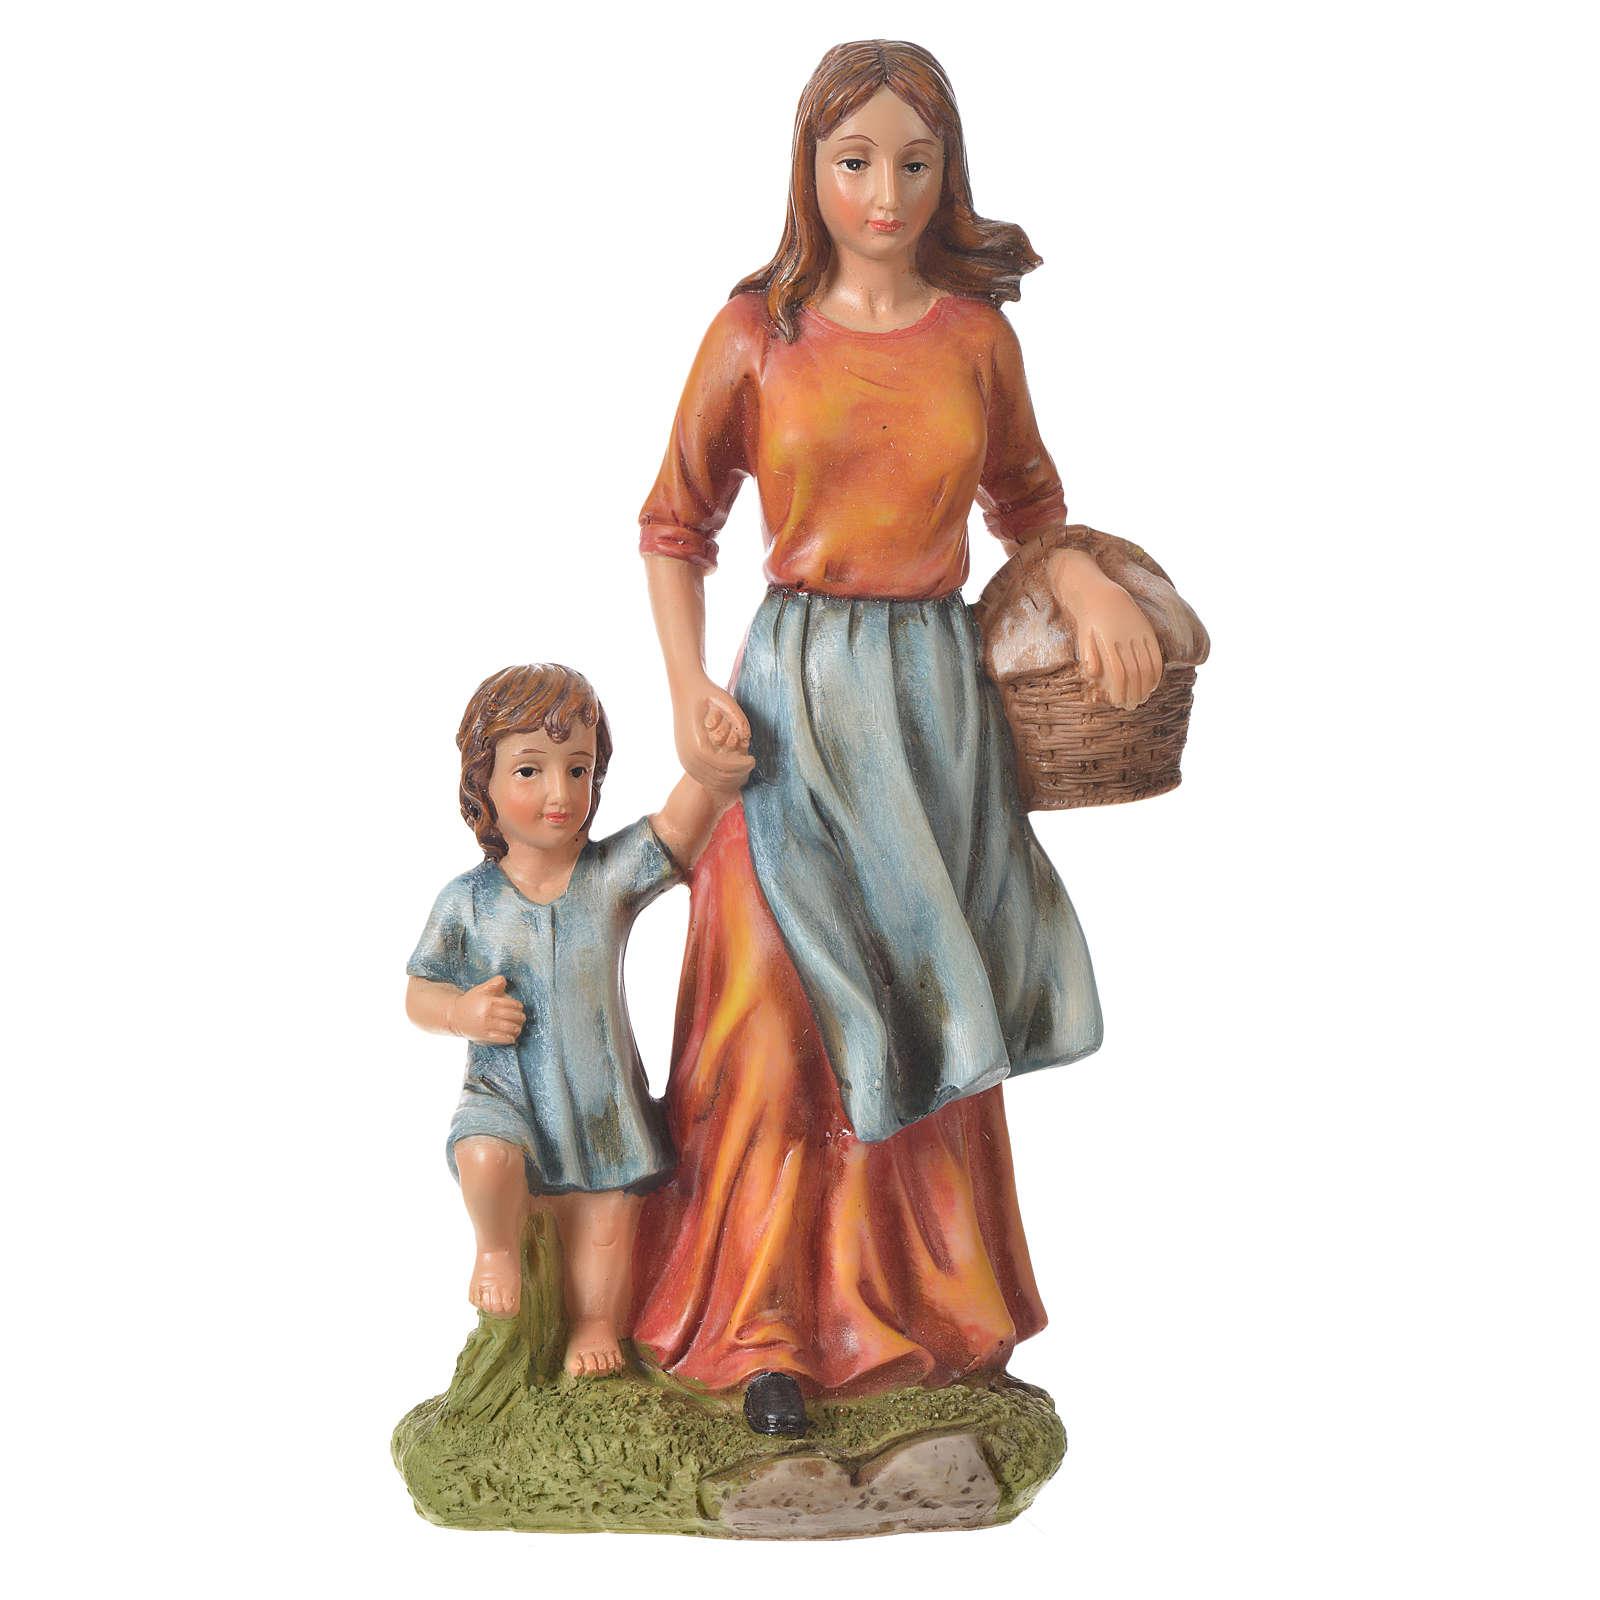 Donna con fanciullo presepe 30 cm resina 3